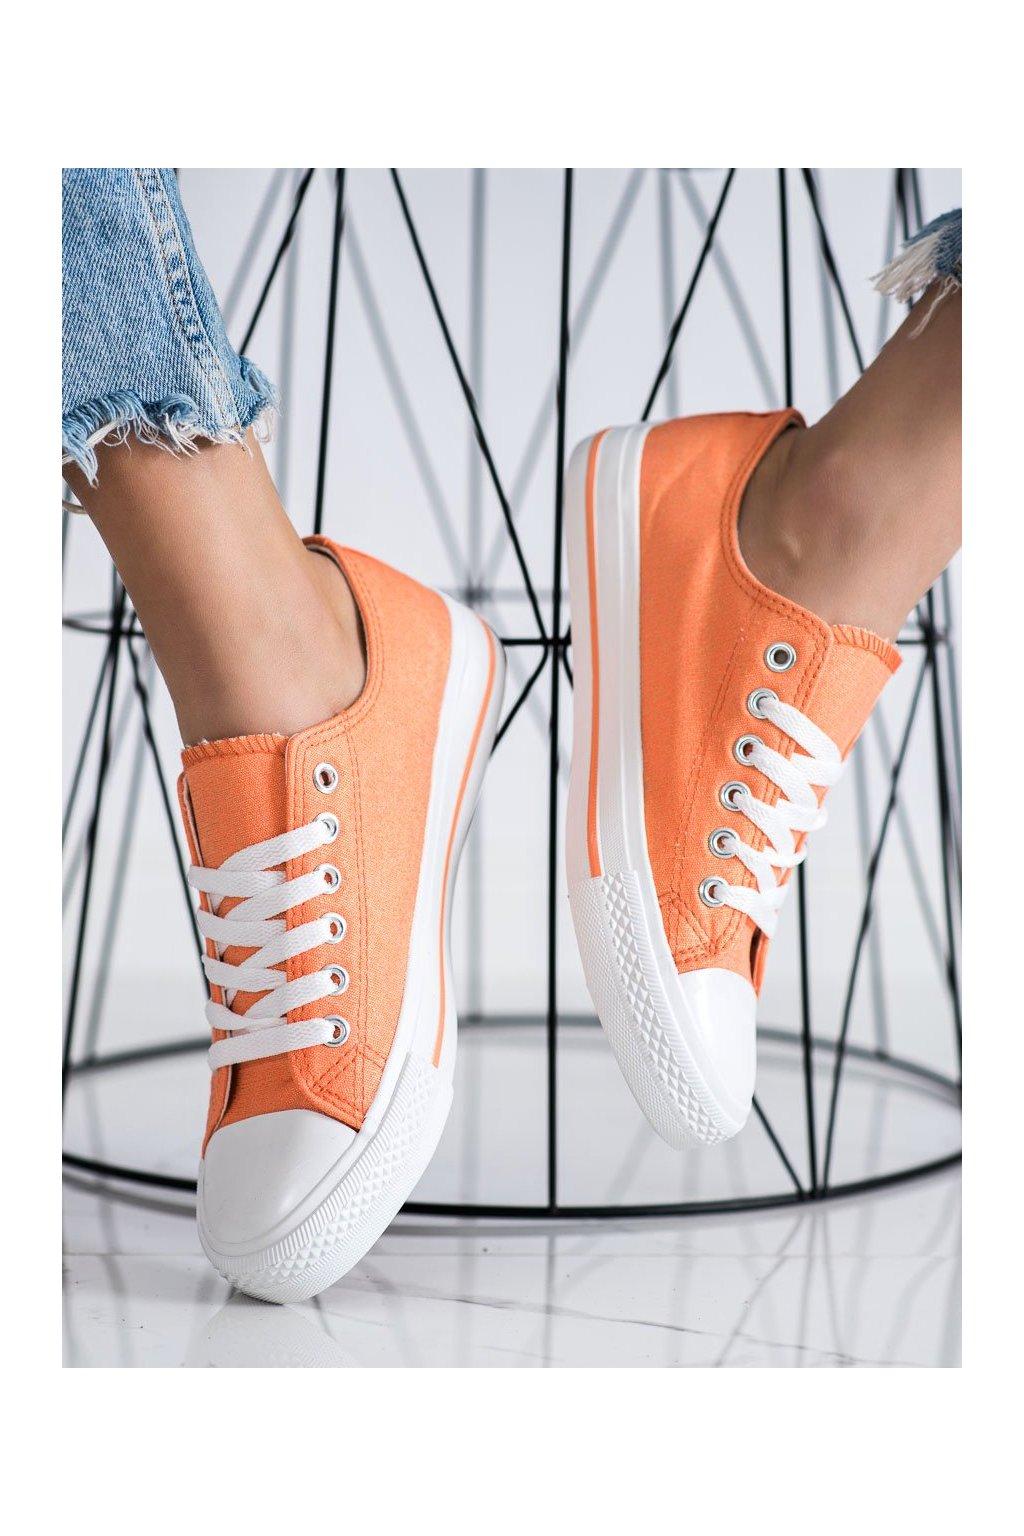 Oranžové dámske tenisky Shelovet kod LY-20OR